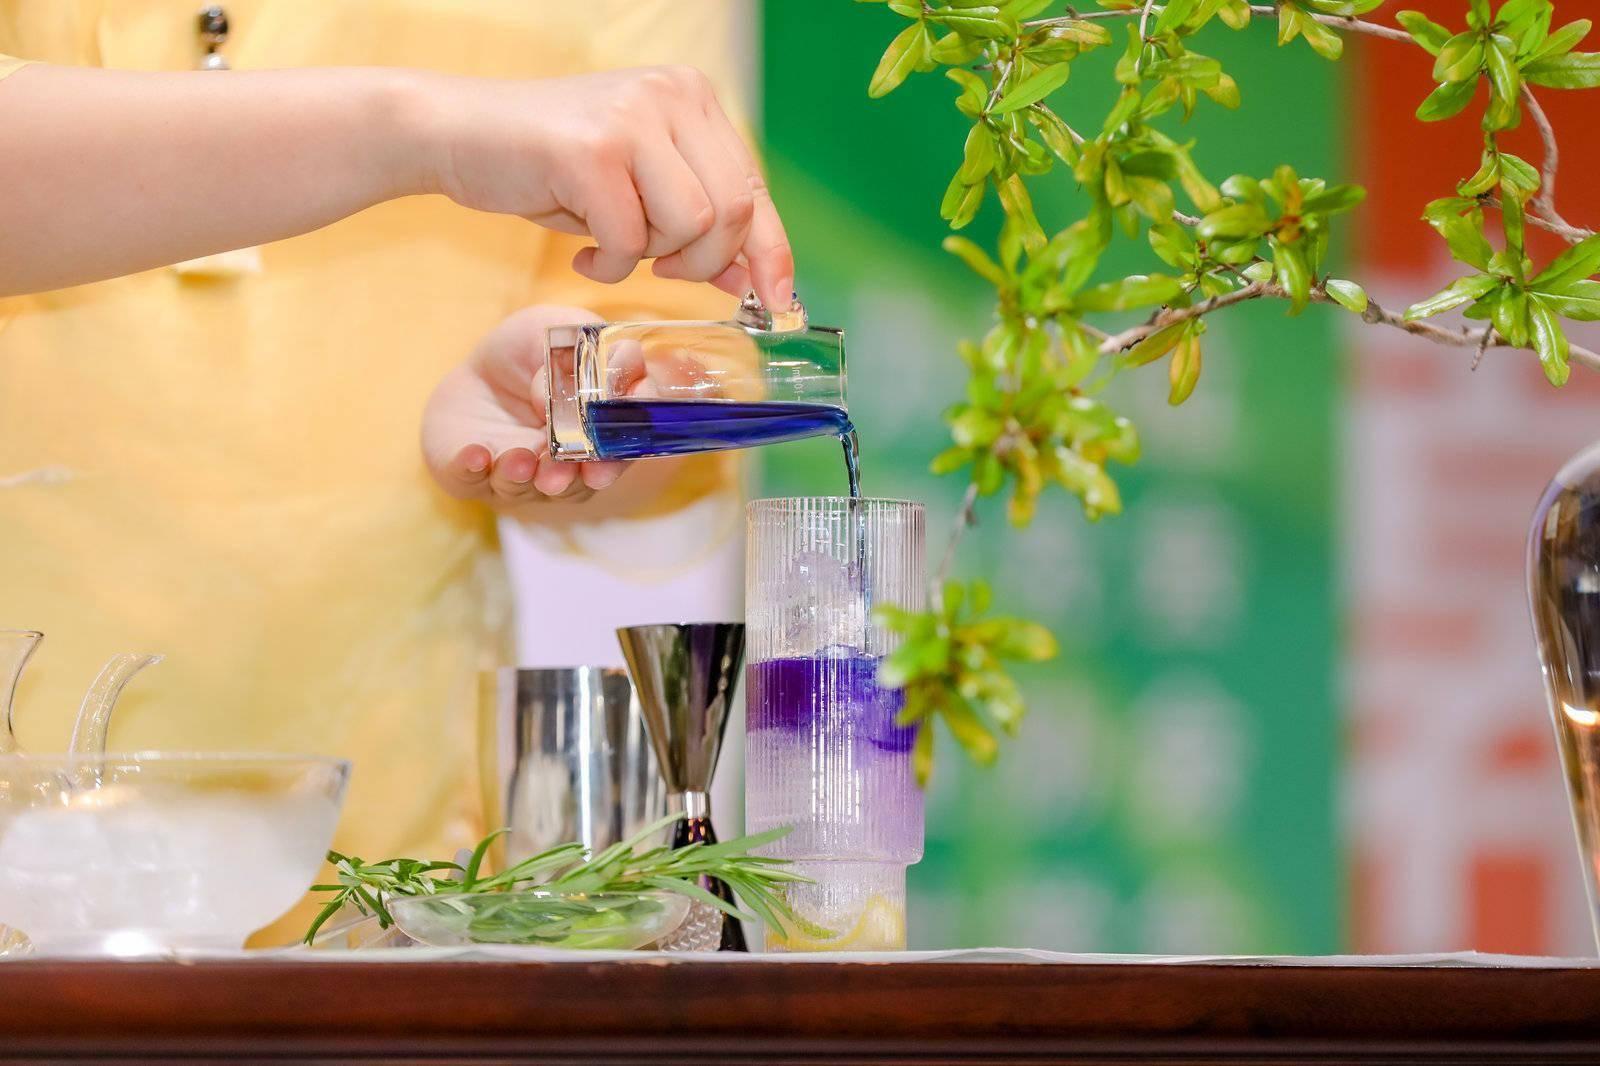 国茶调饮大赛、揭开茶的健康奥秘高峰论坛新奇袭来